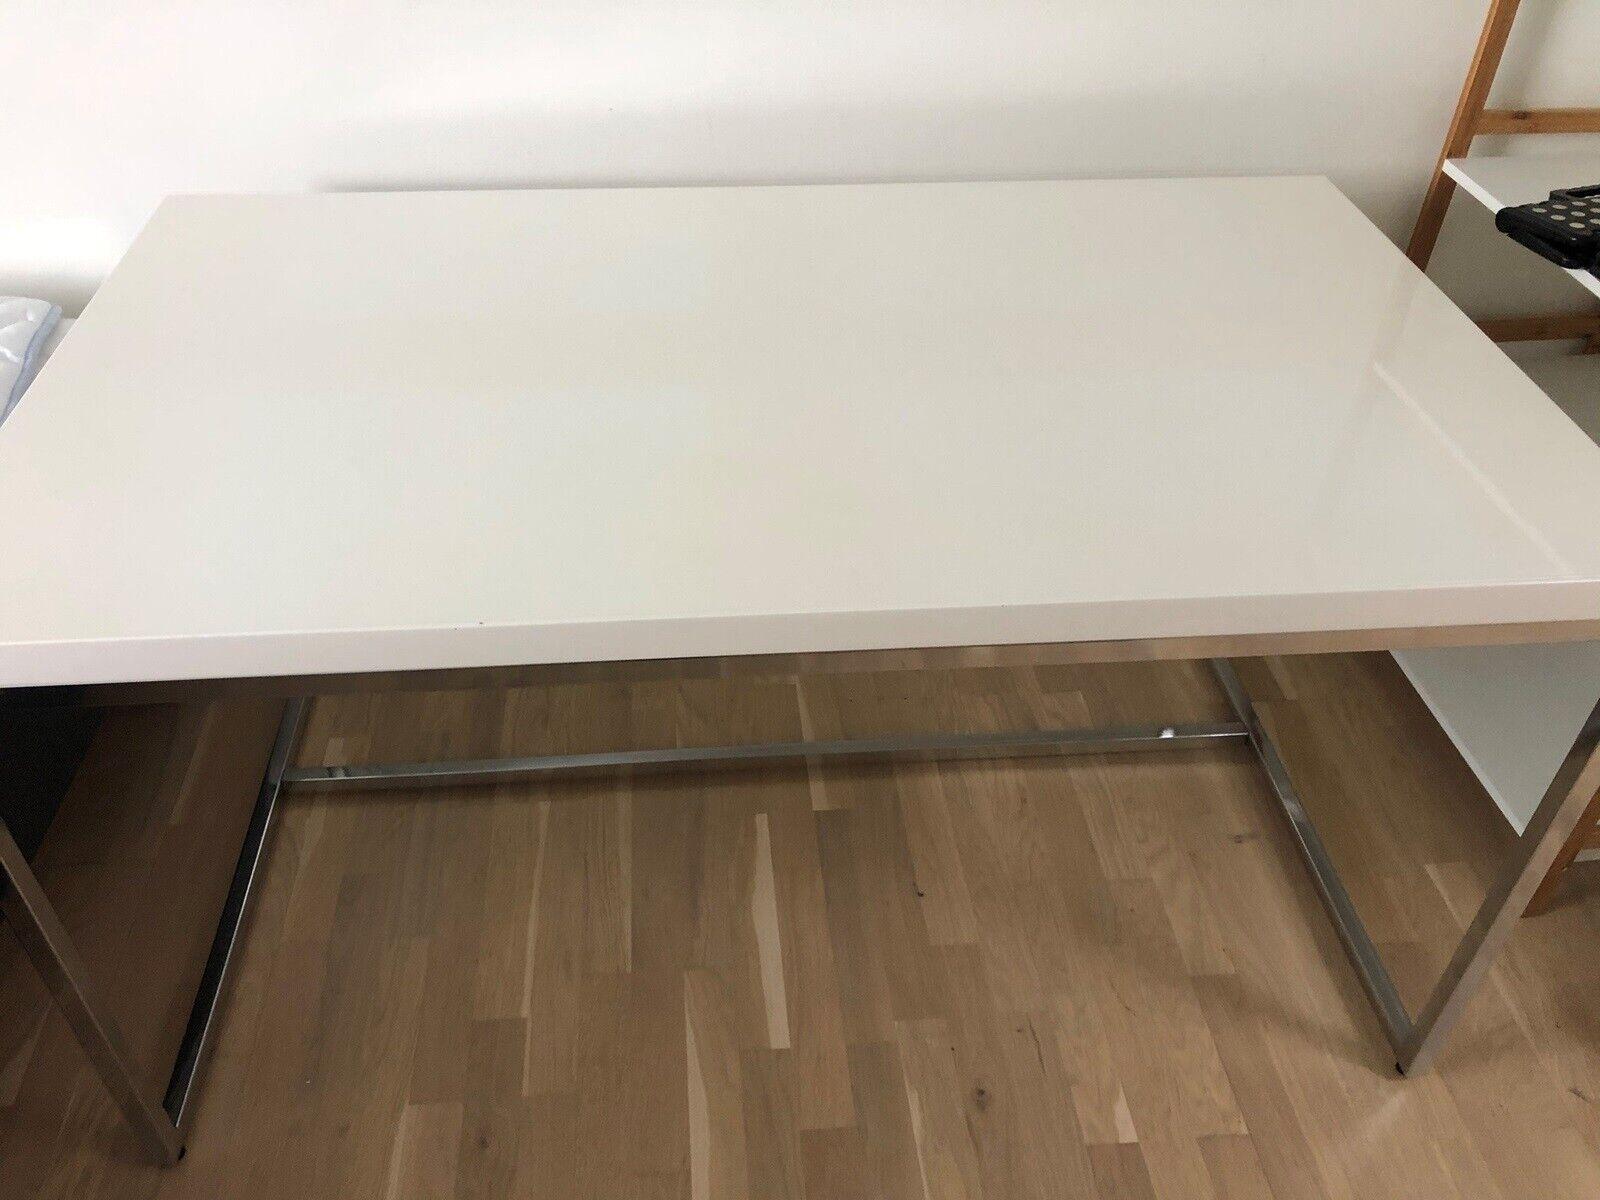 Skrivebord Ilva B 140 D 80 H 75 Ndash Dba Dk Ndash Kob Og Salg Af Nyt Og Brugt